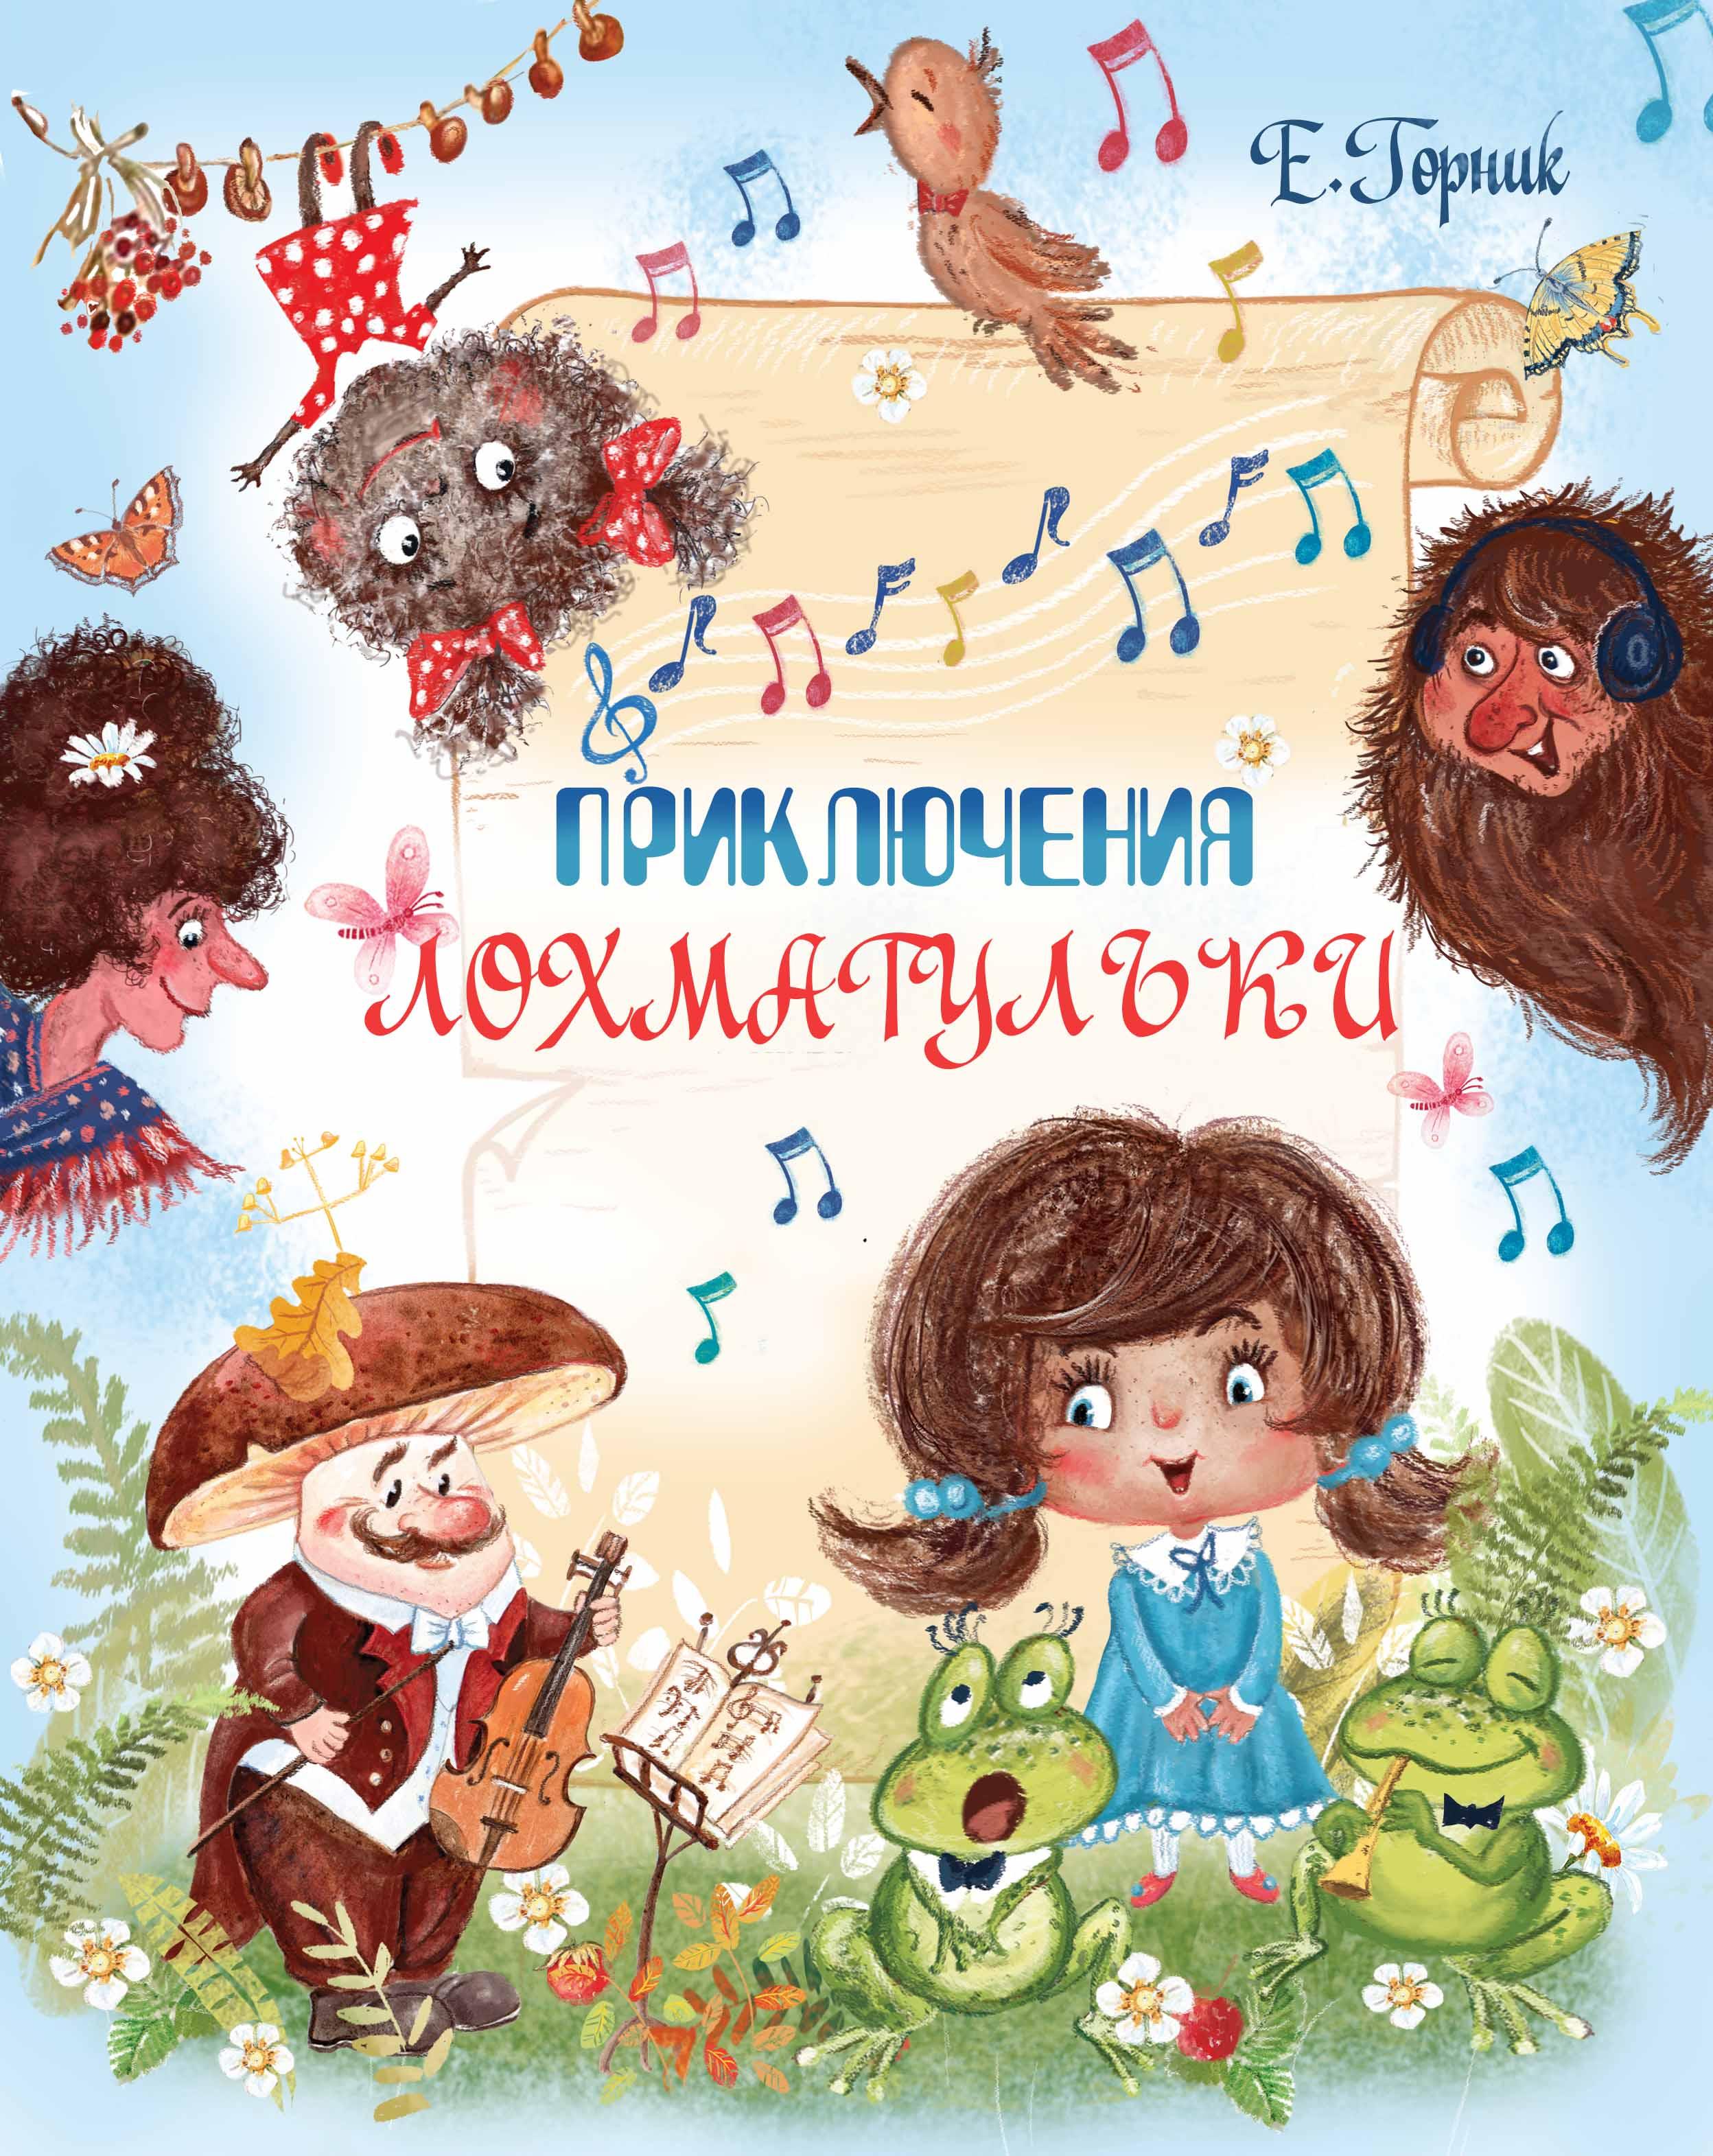 Музыкальные сказки Елены Горник